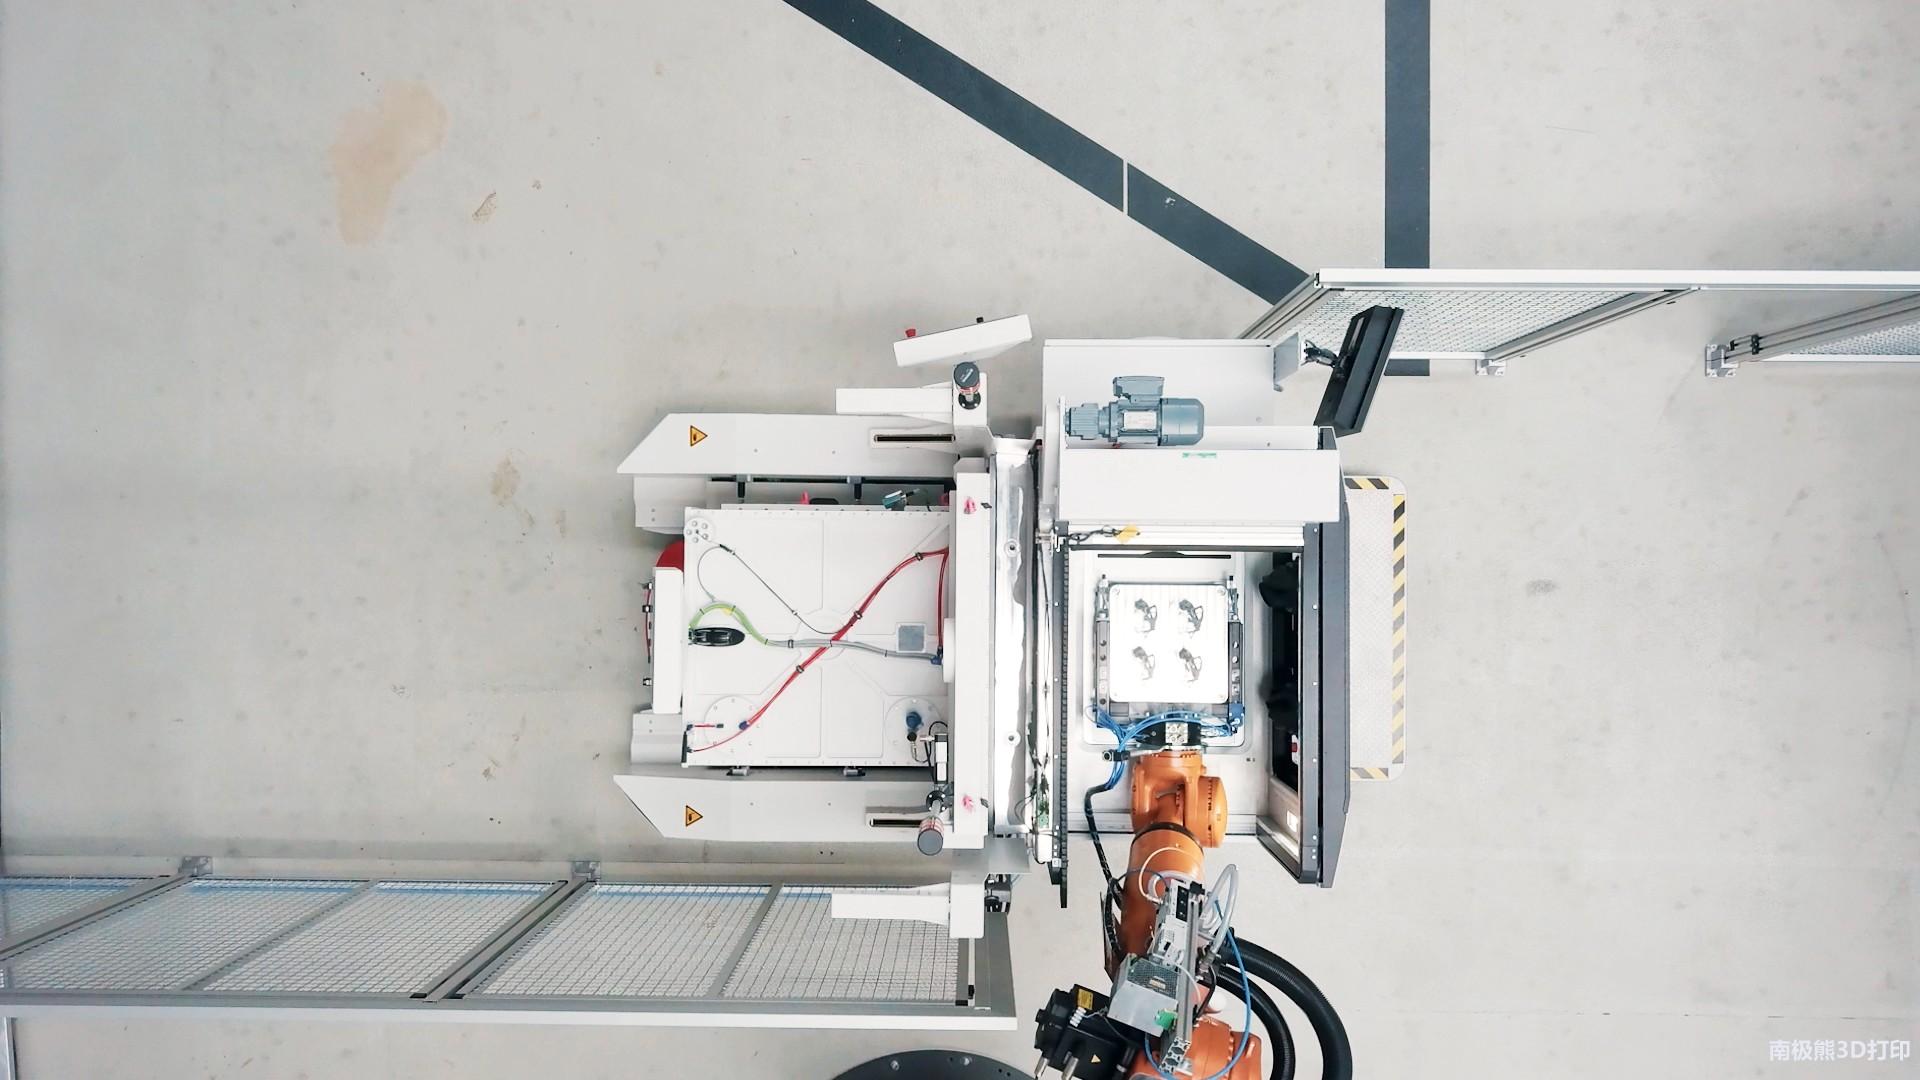 全自动化金属3D打印生产工厂已试运行2年 制造成本降低50%